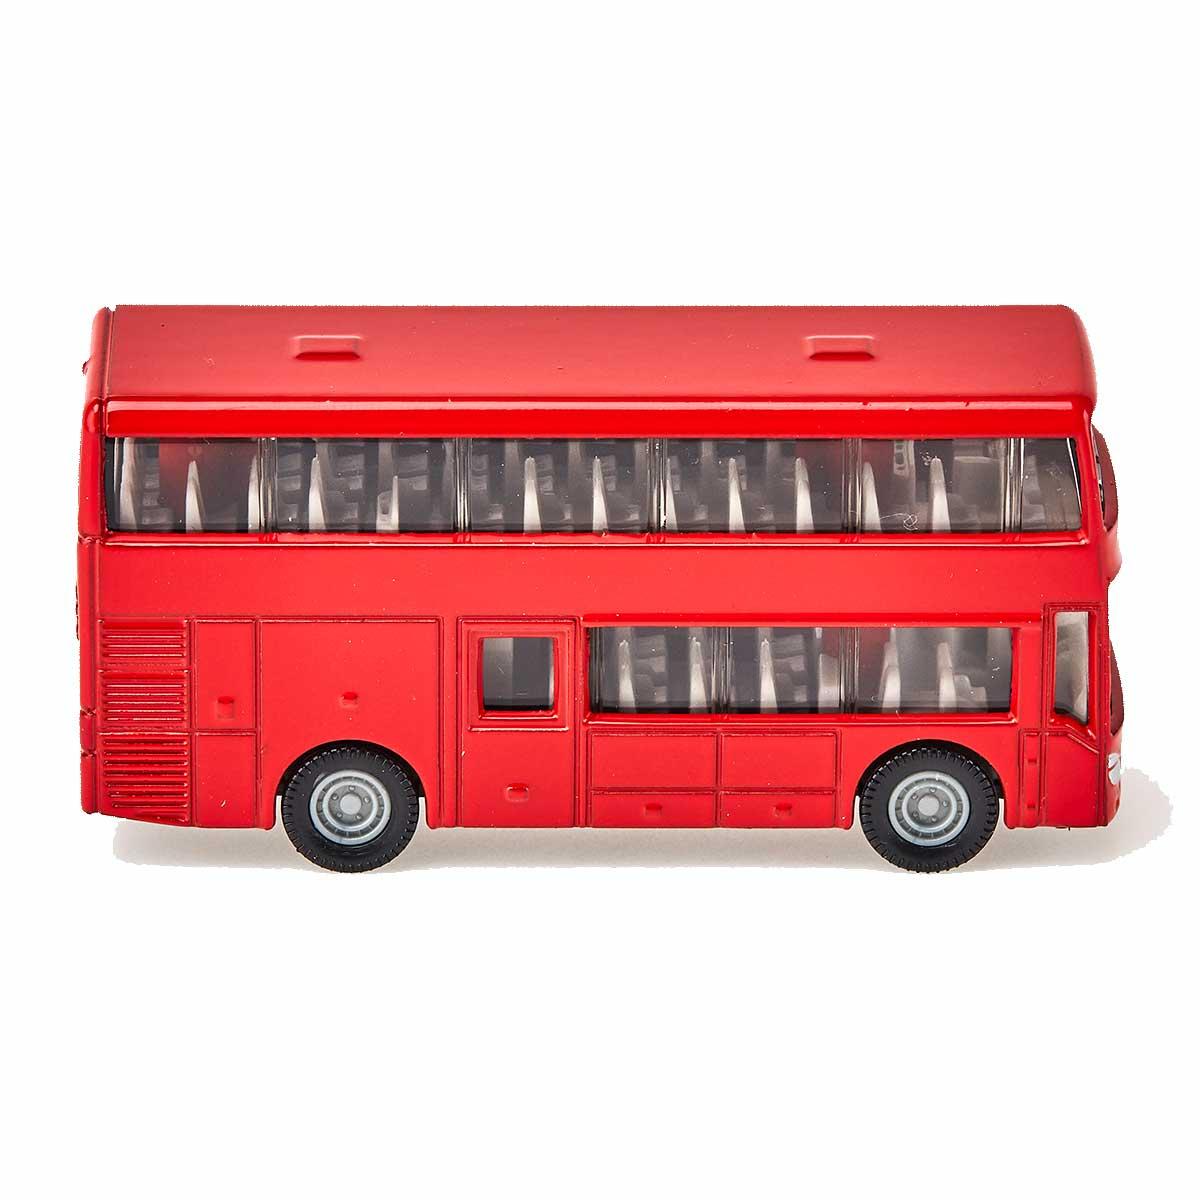 2階建てバス (ジク・SIKU)